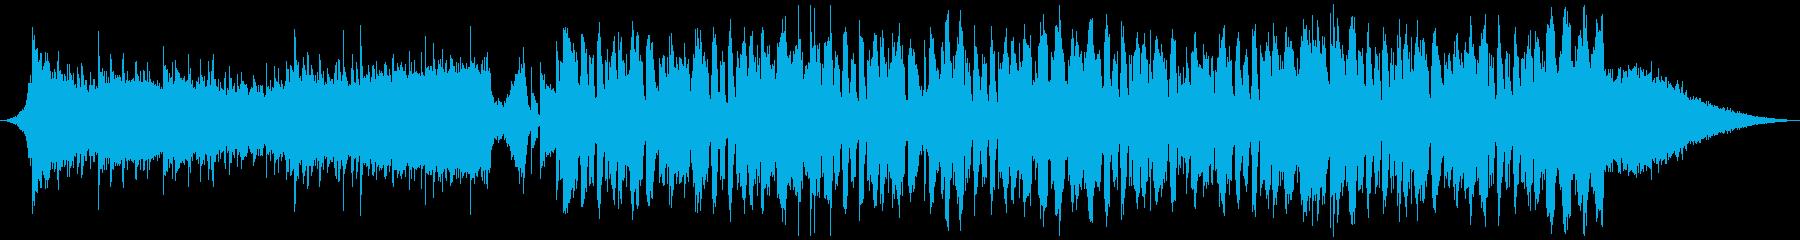 夏 ビーチ メタル トロピカルハウスの再生済みの波形